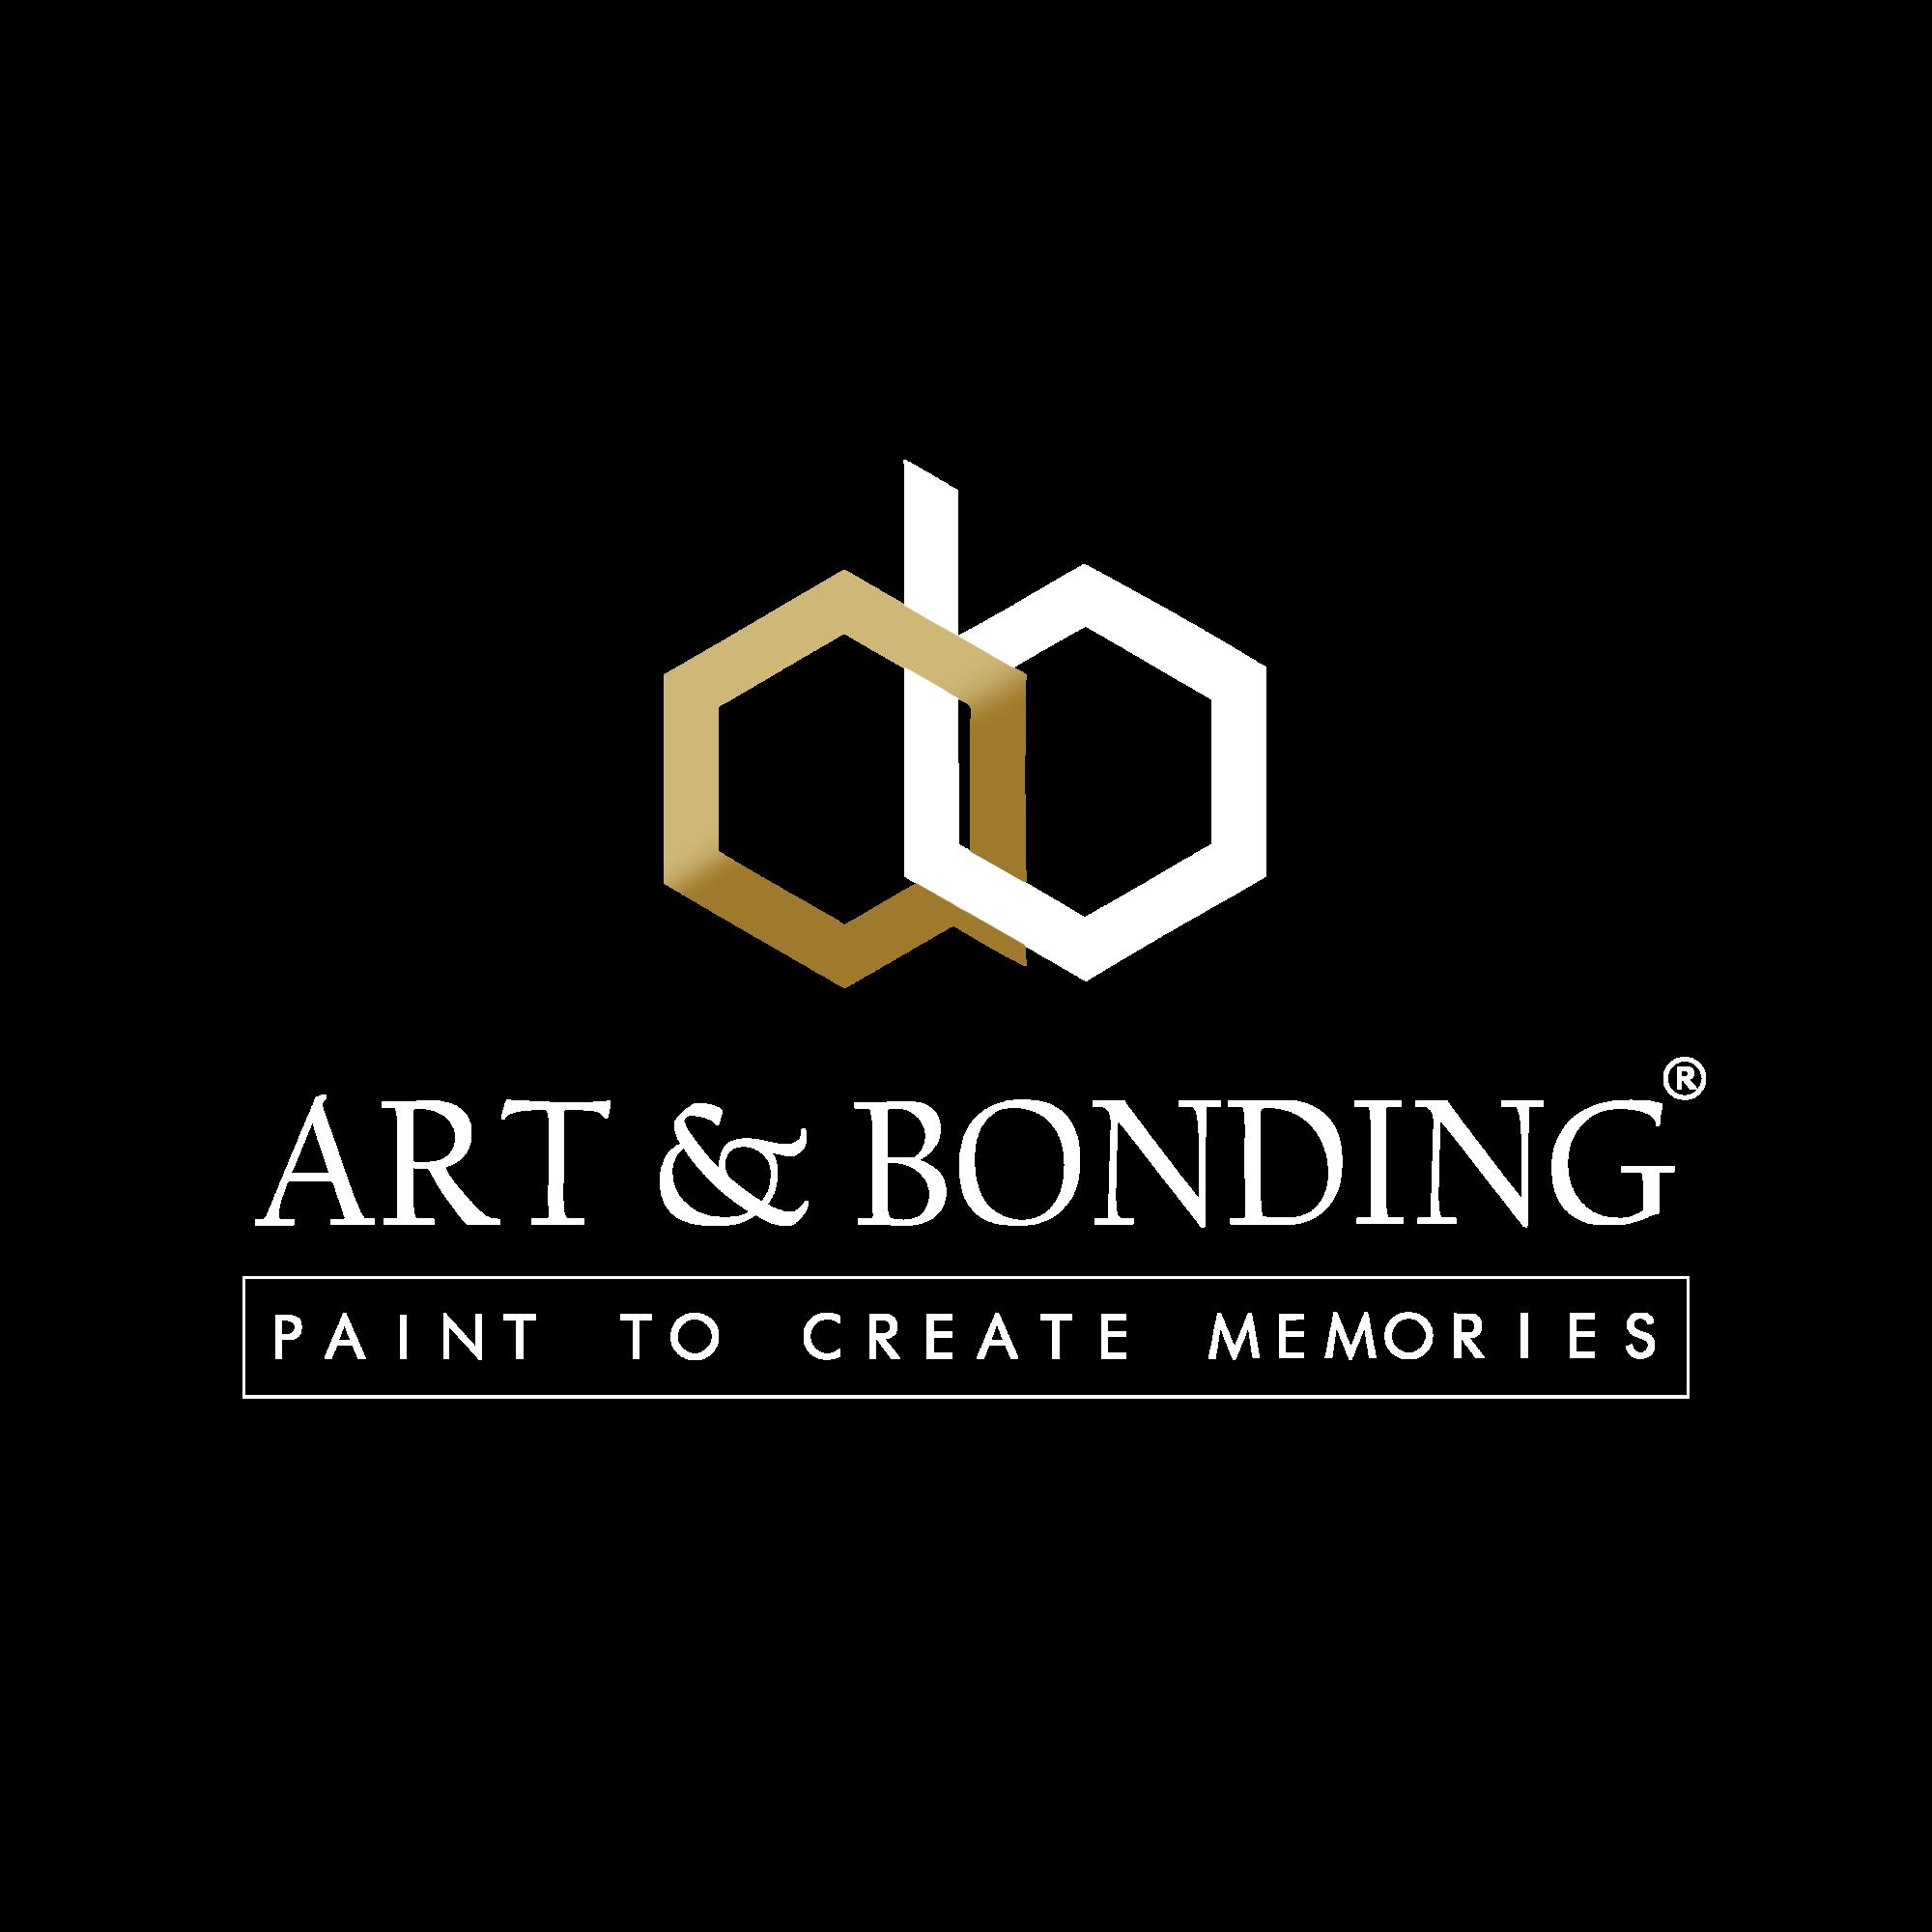 art-and-bonding-logo